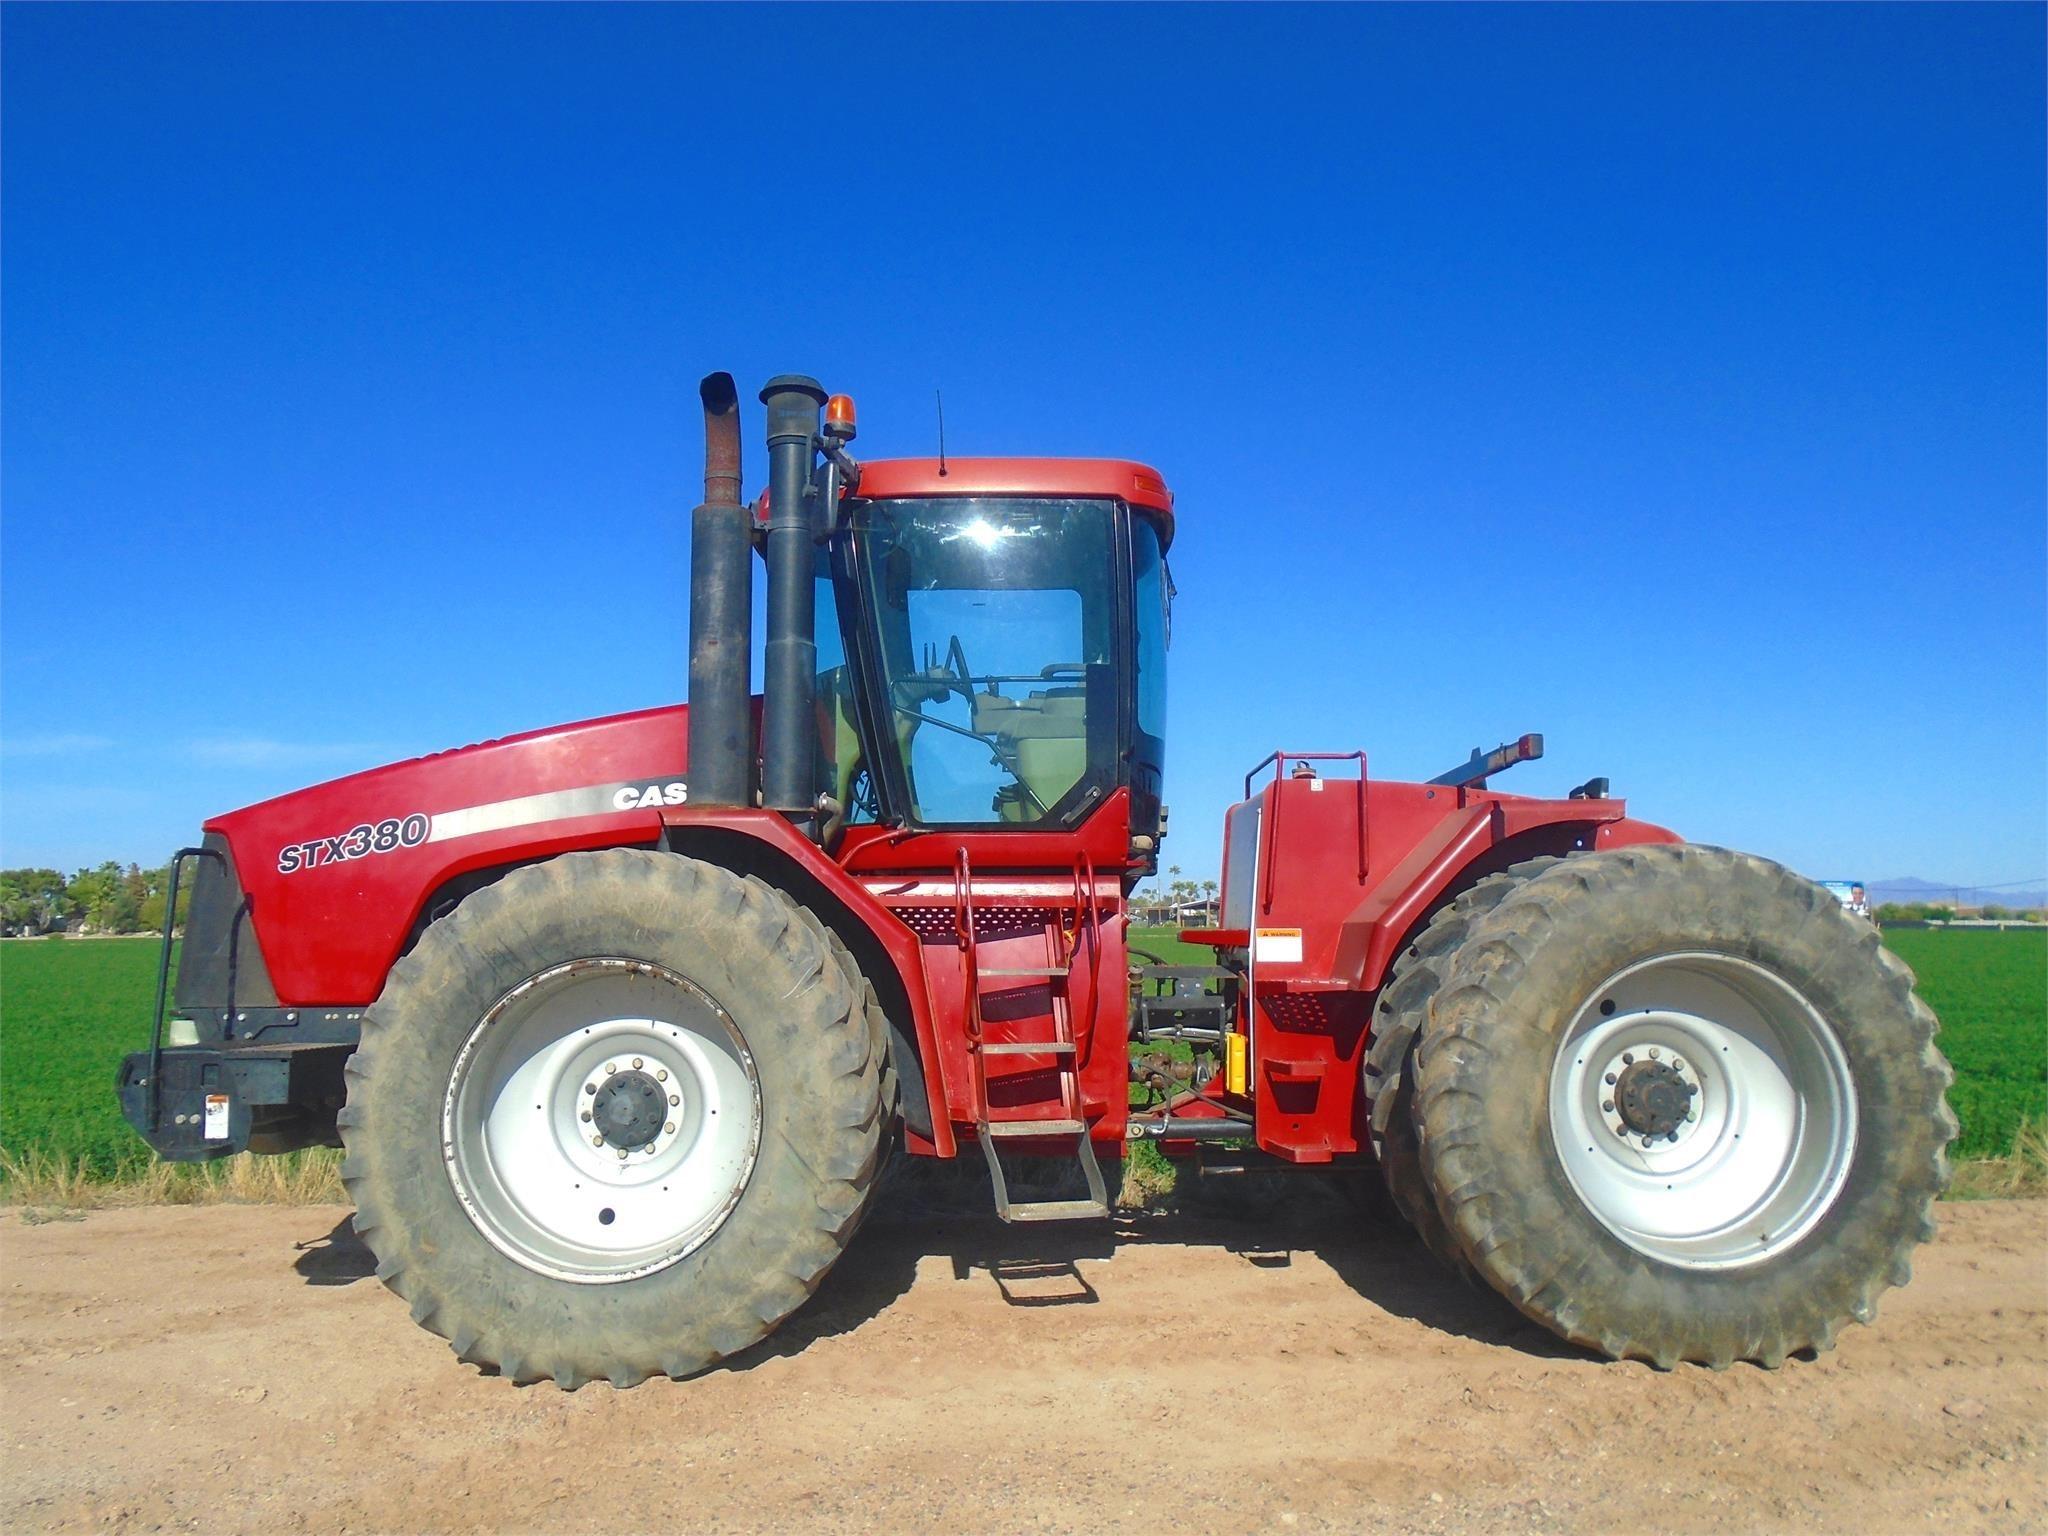 2006 Case IH STX380 Tractor